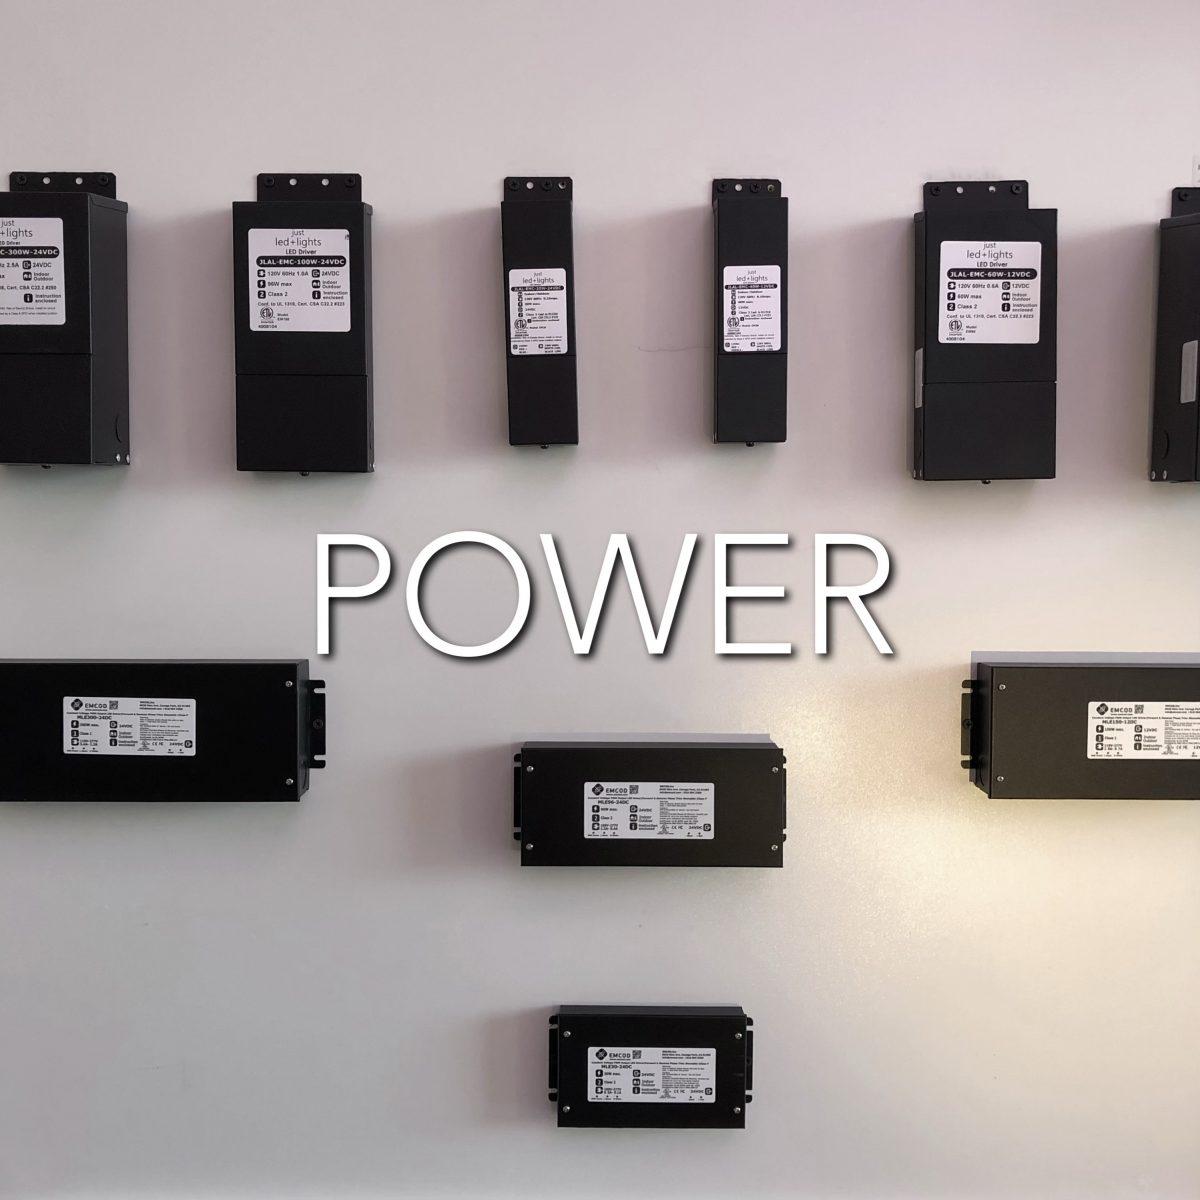 Power for Lighting